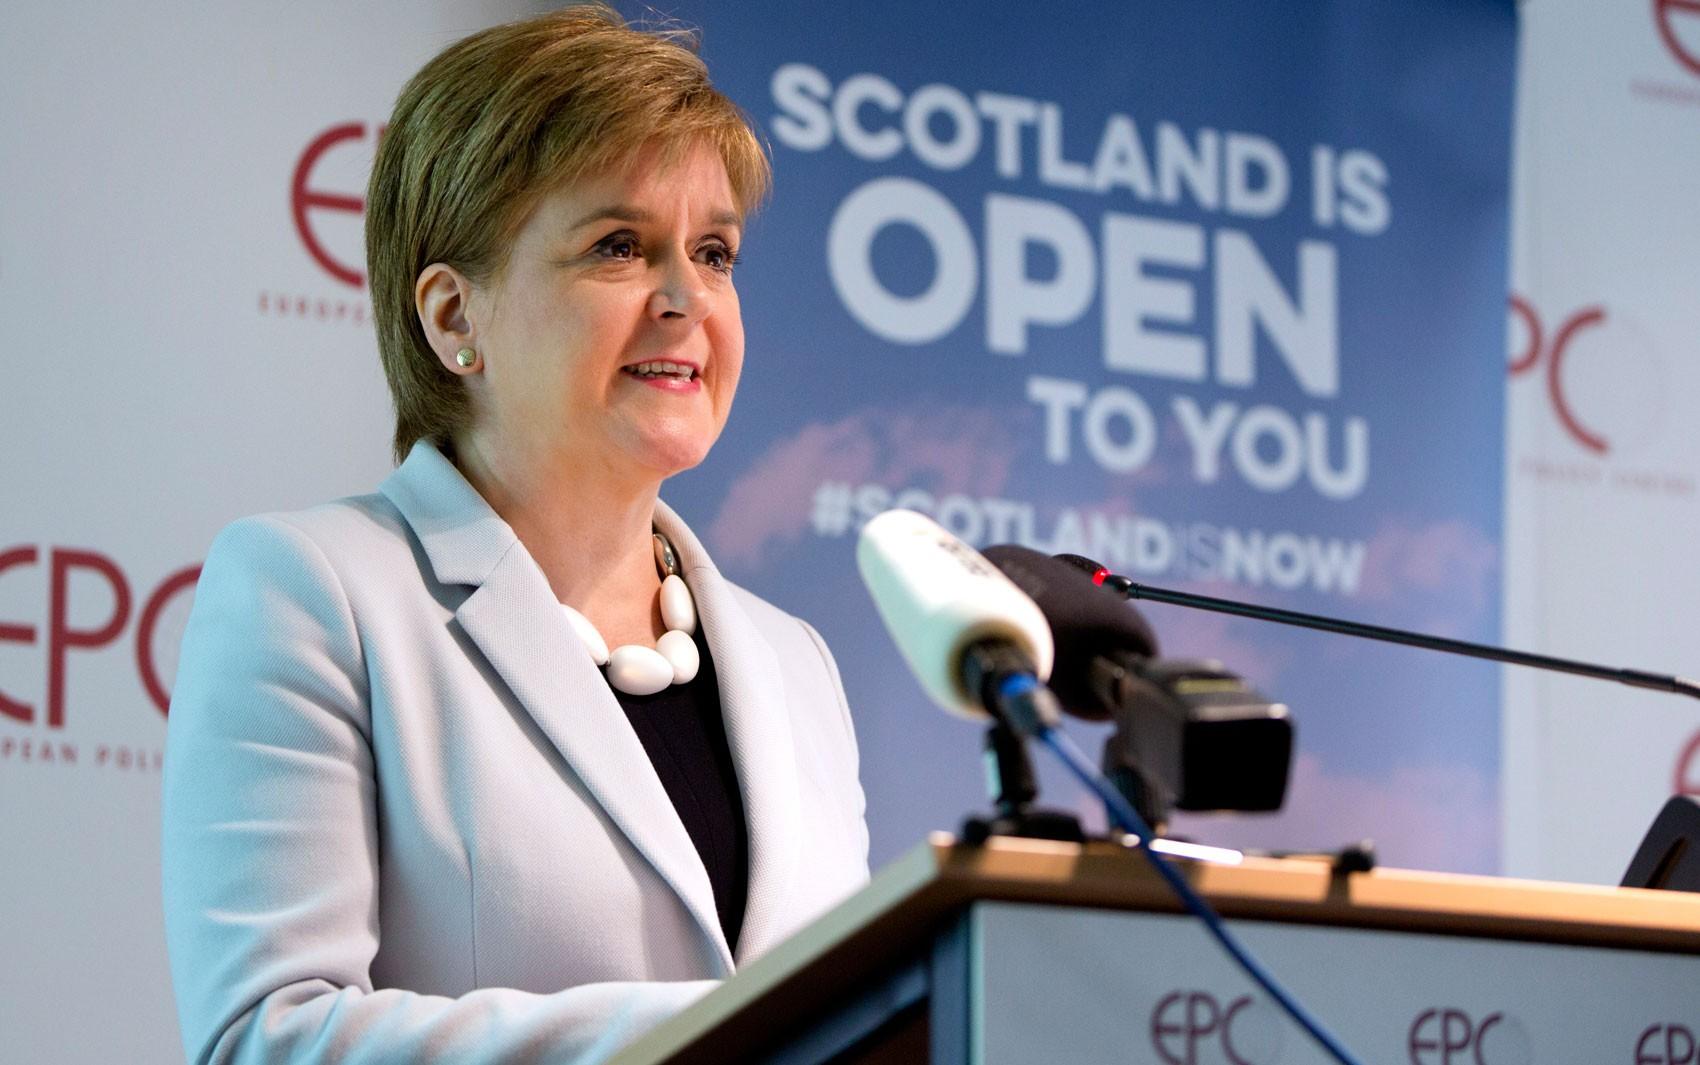 Escócia pedirá novo referendo de independência após eleições de 2021